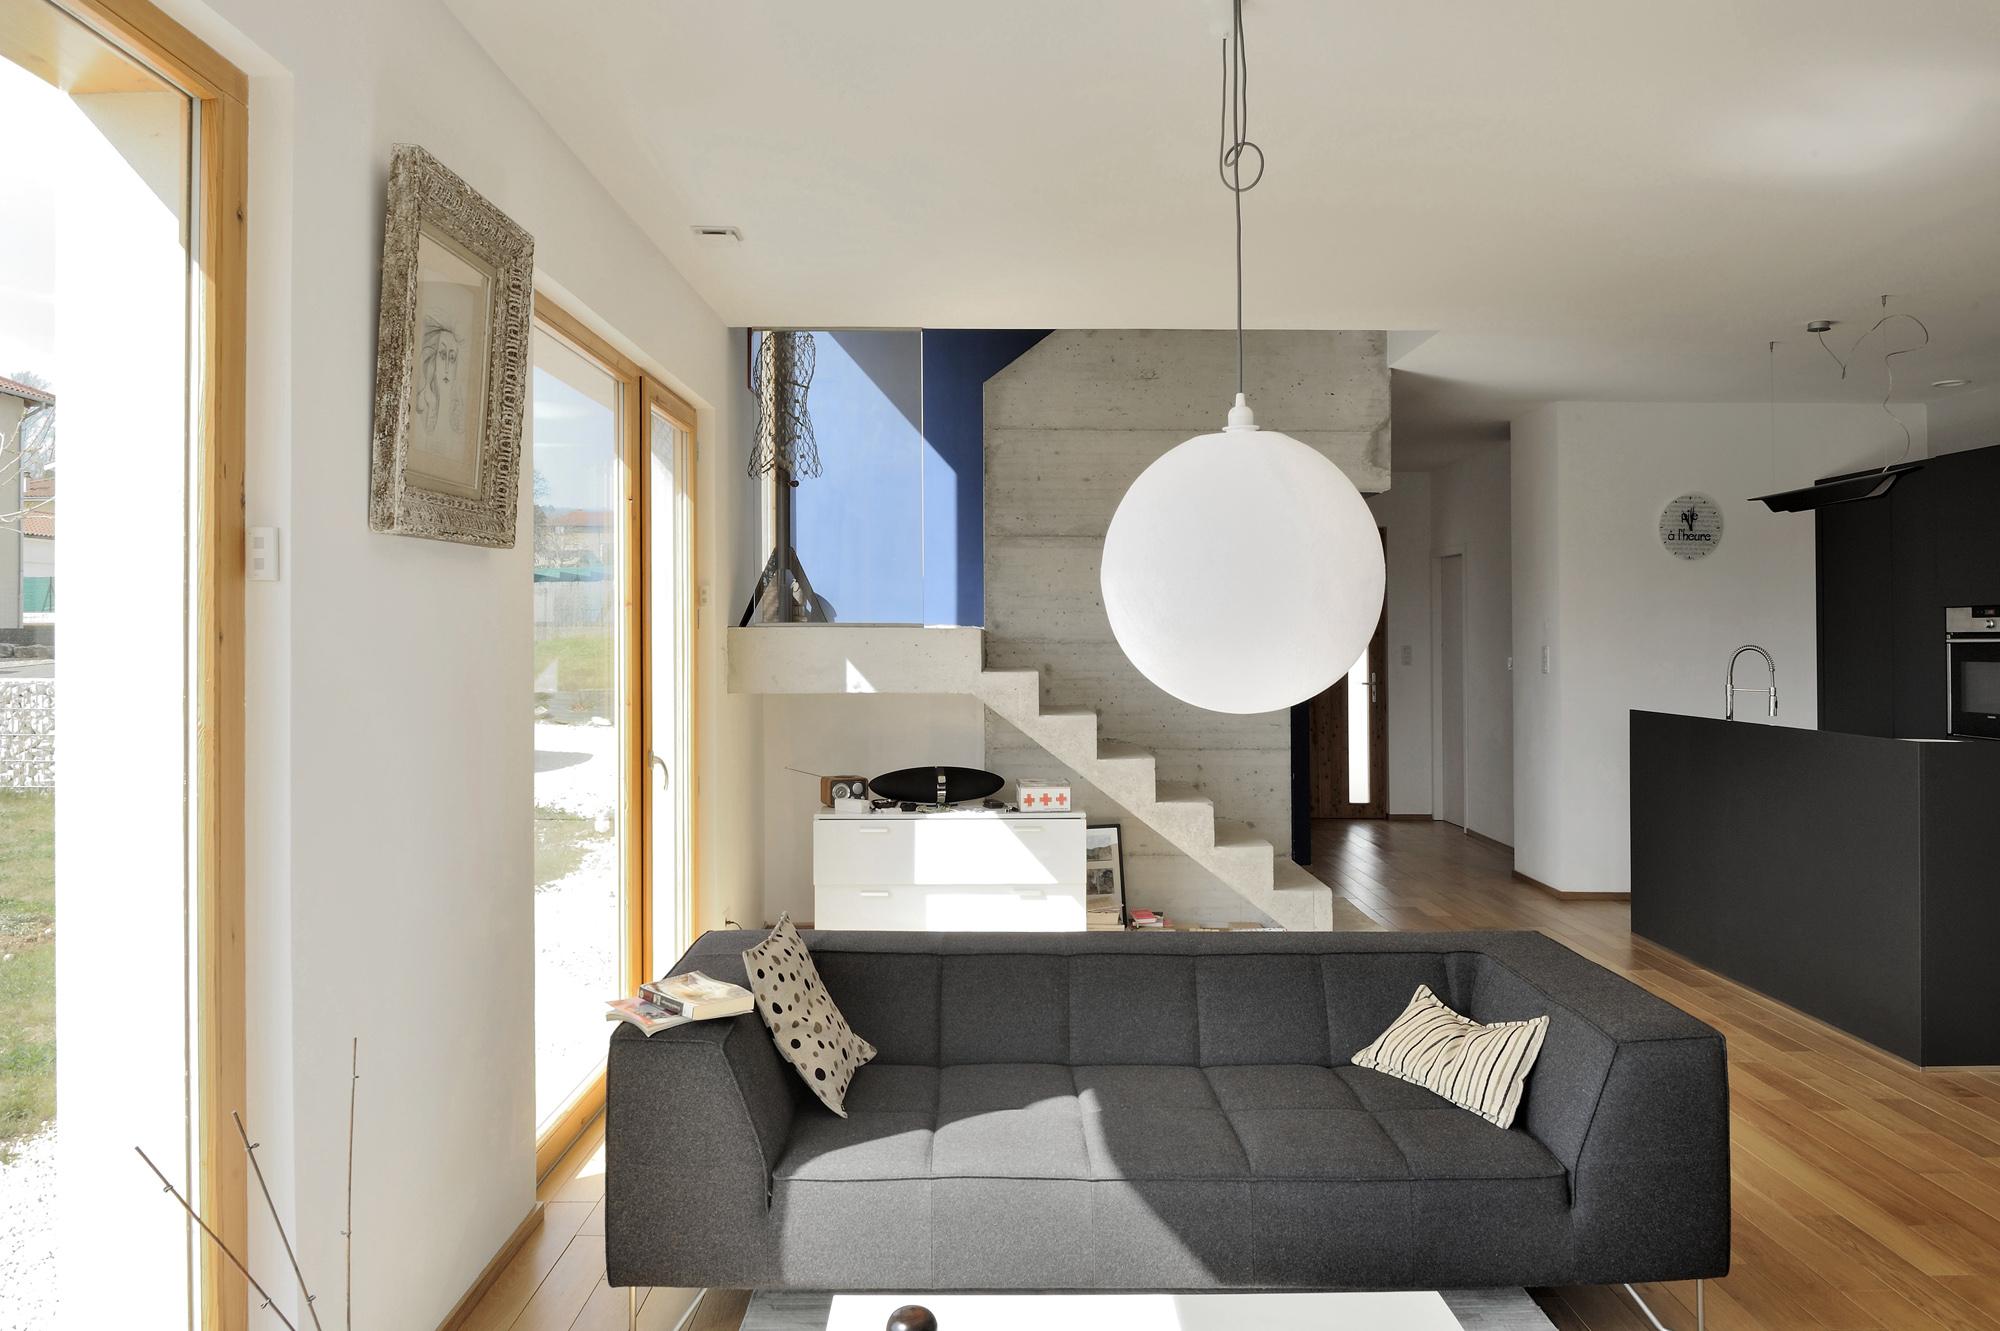 escalier-beton-design